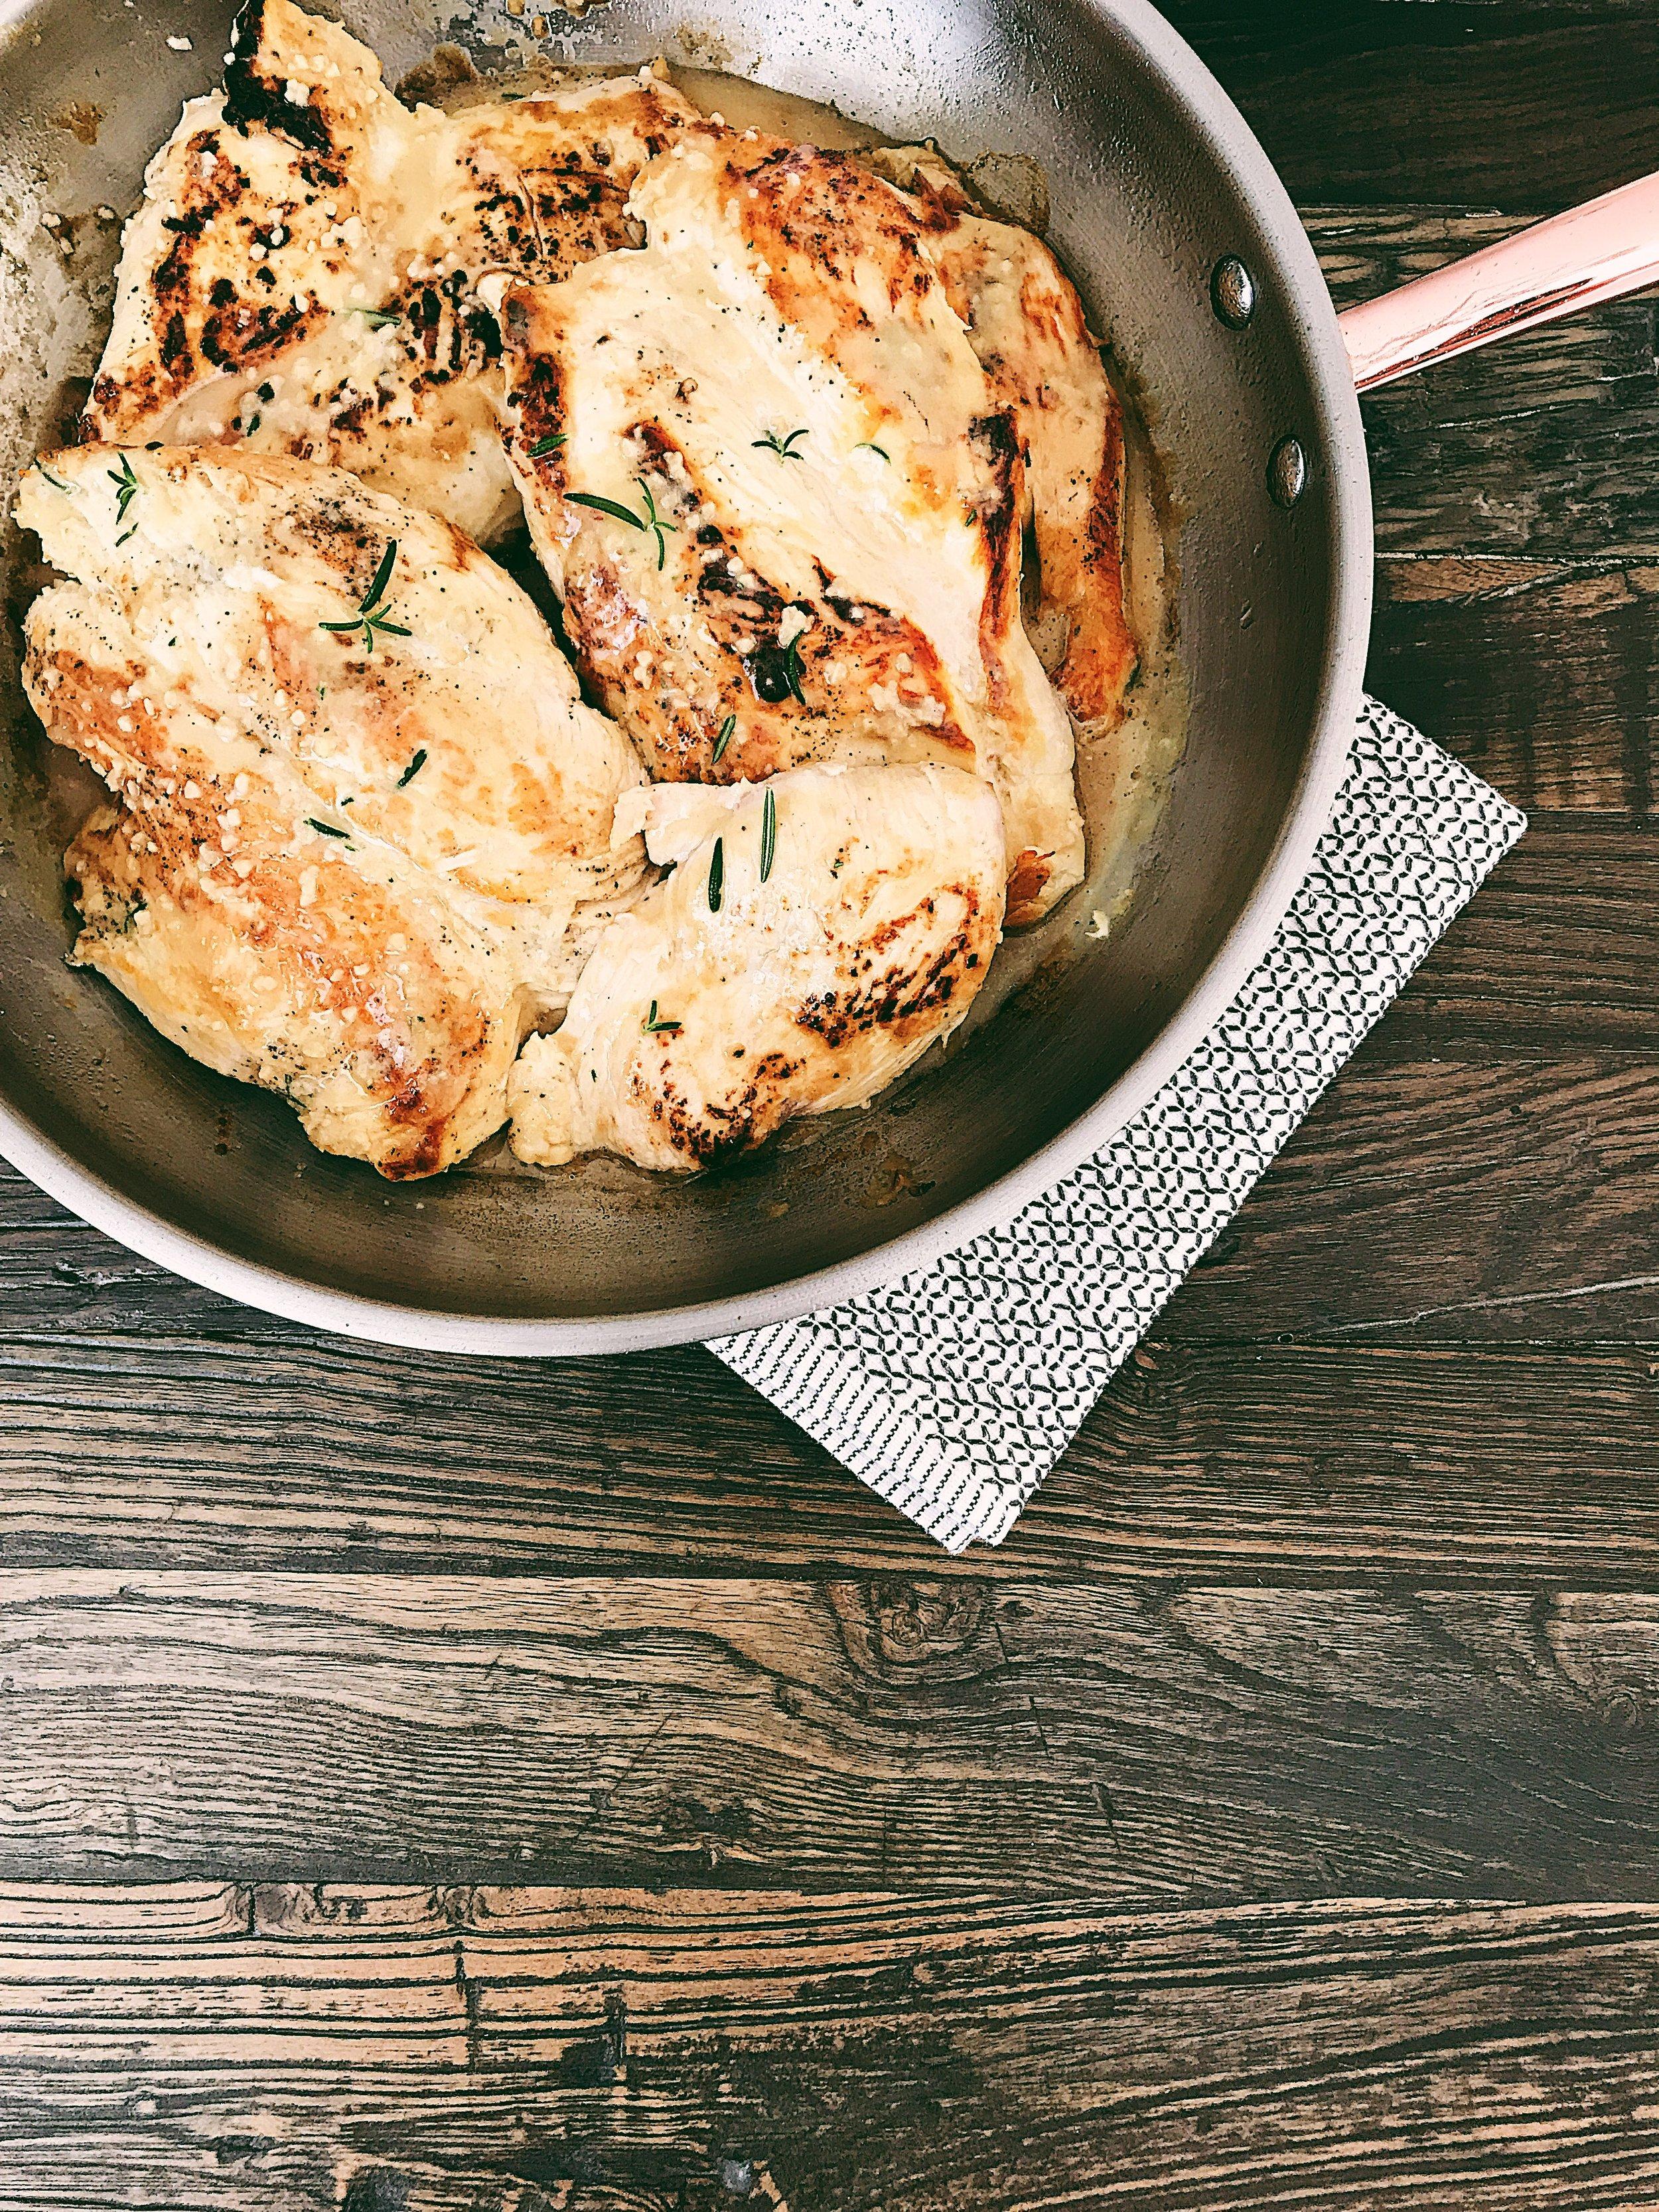 Honey Dijon Rosemary Chicken Recipe with Apple Cider Vinegar and Garlic.